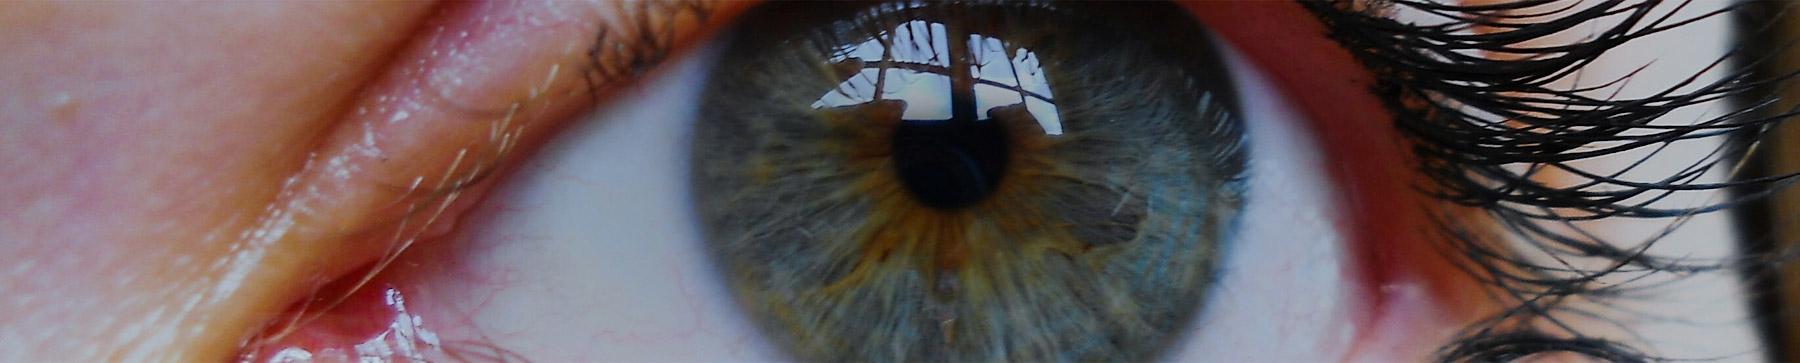 Visione ravvicinata dell'occhio di una donna